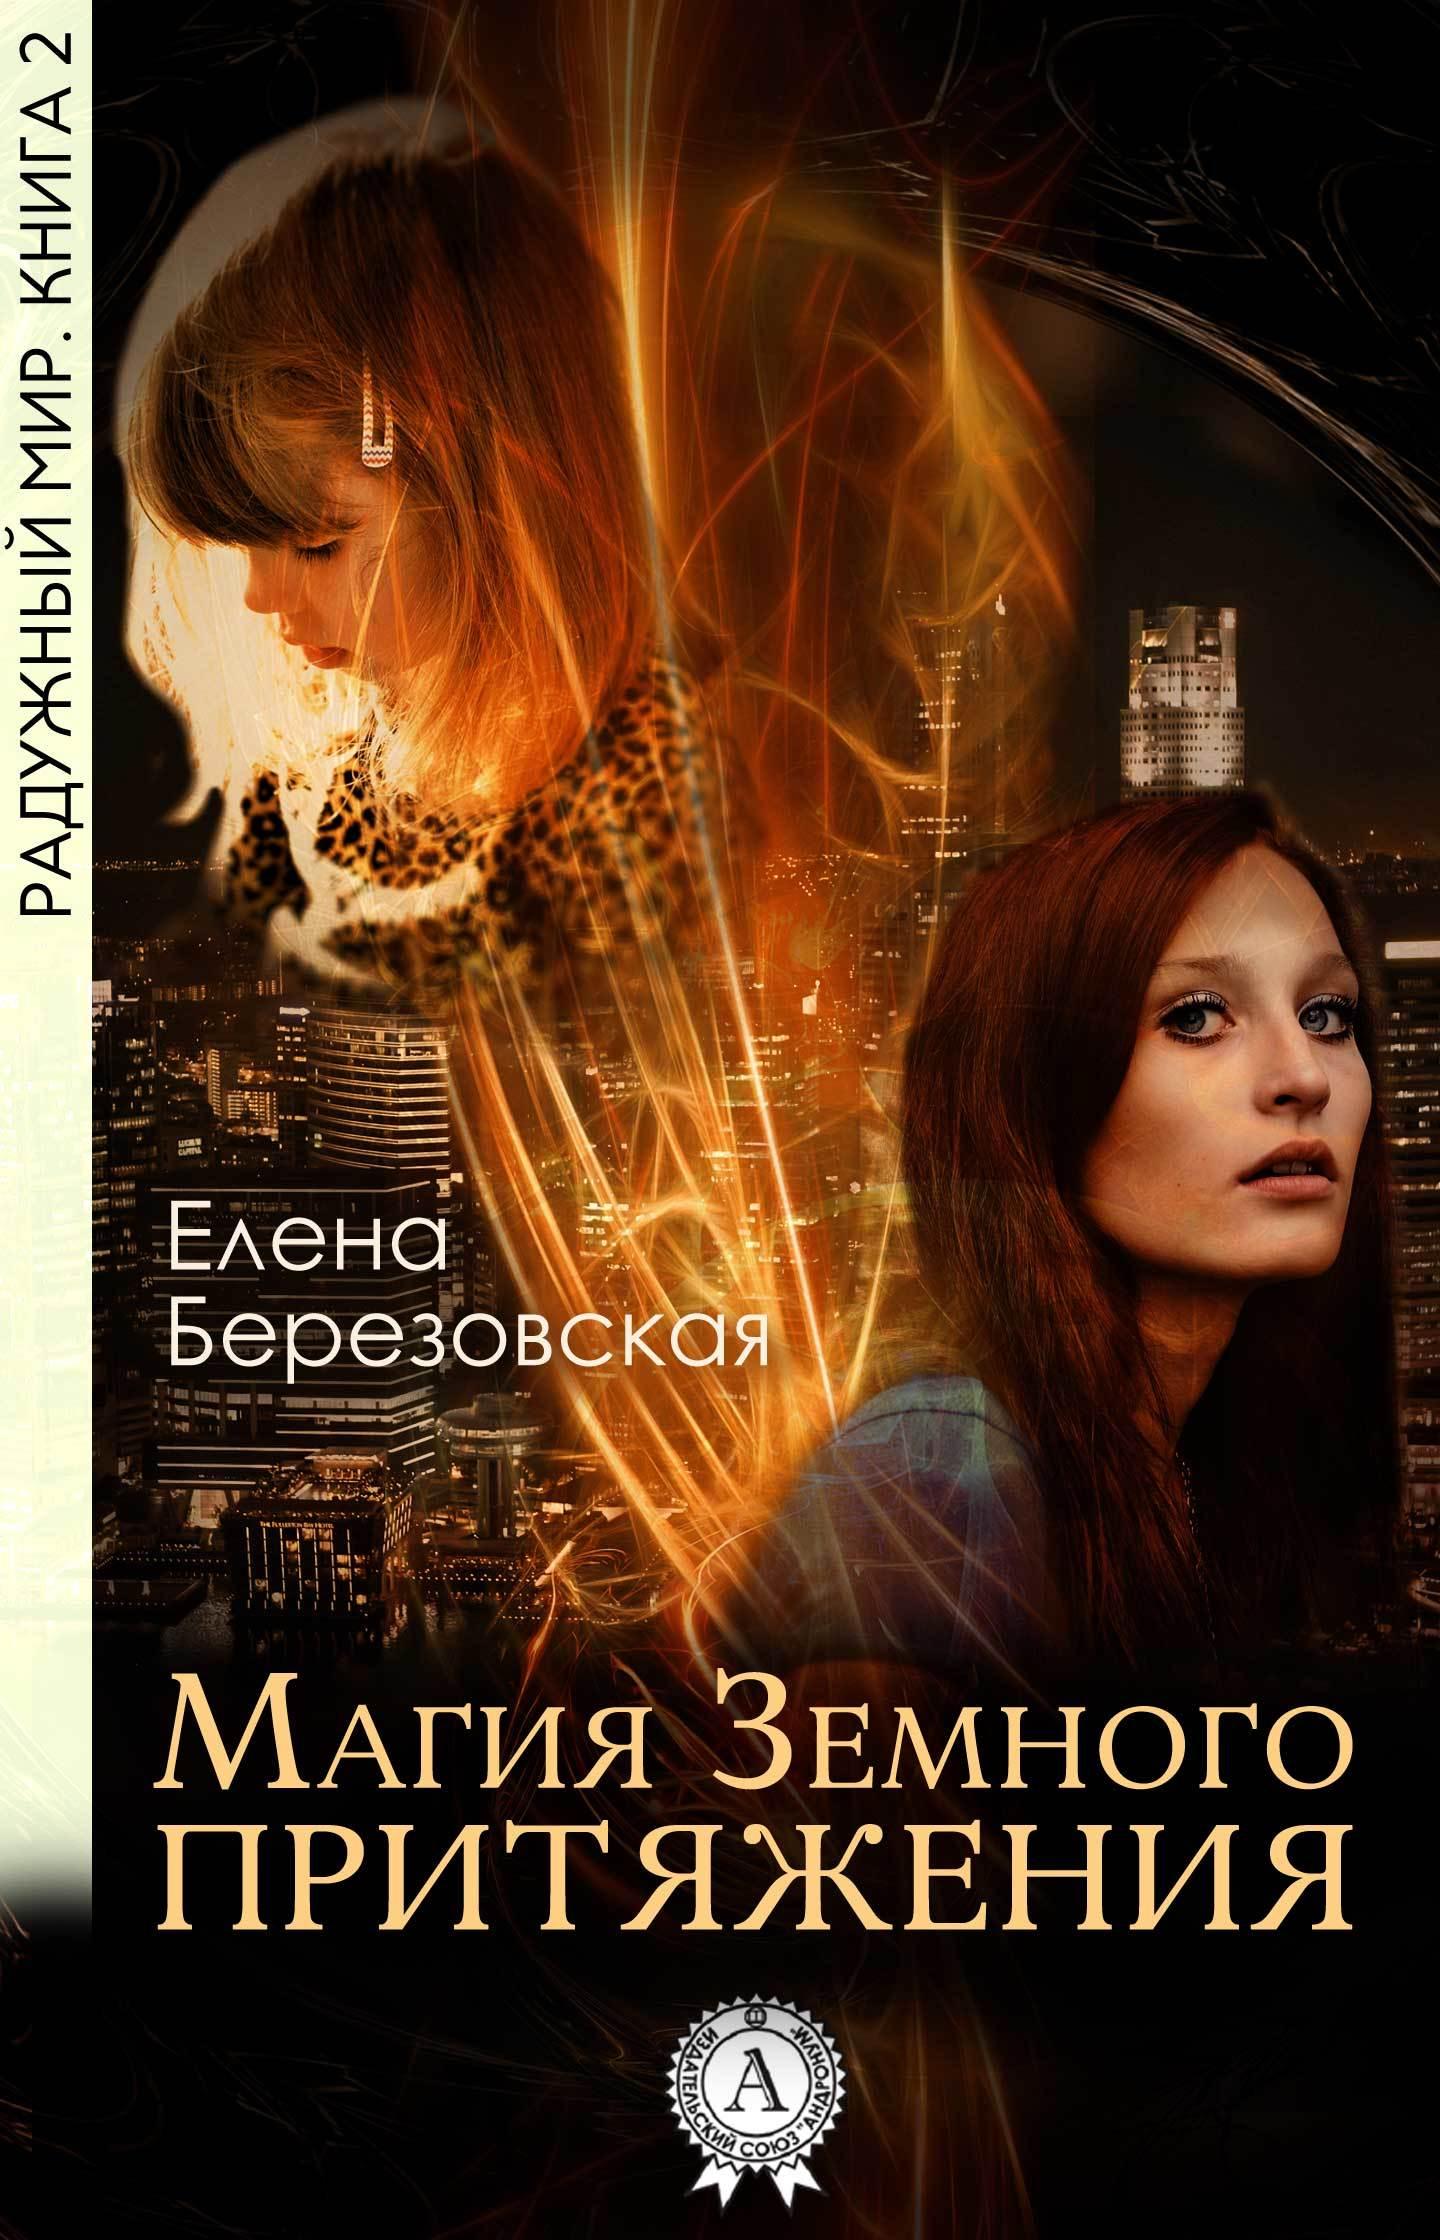 Елена Березовская Магия земного притяжения